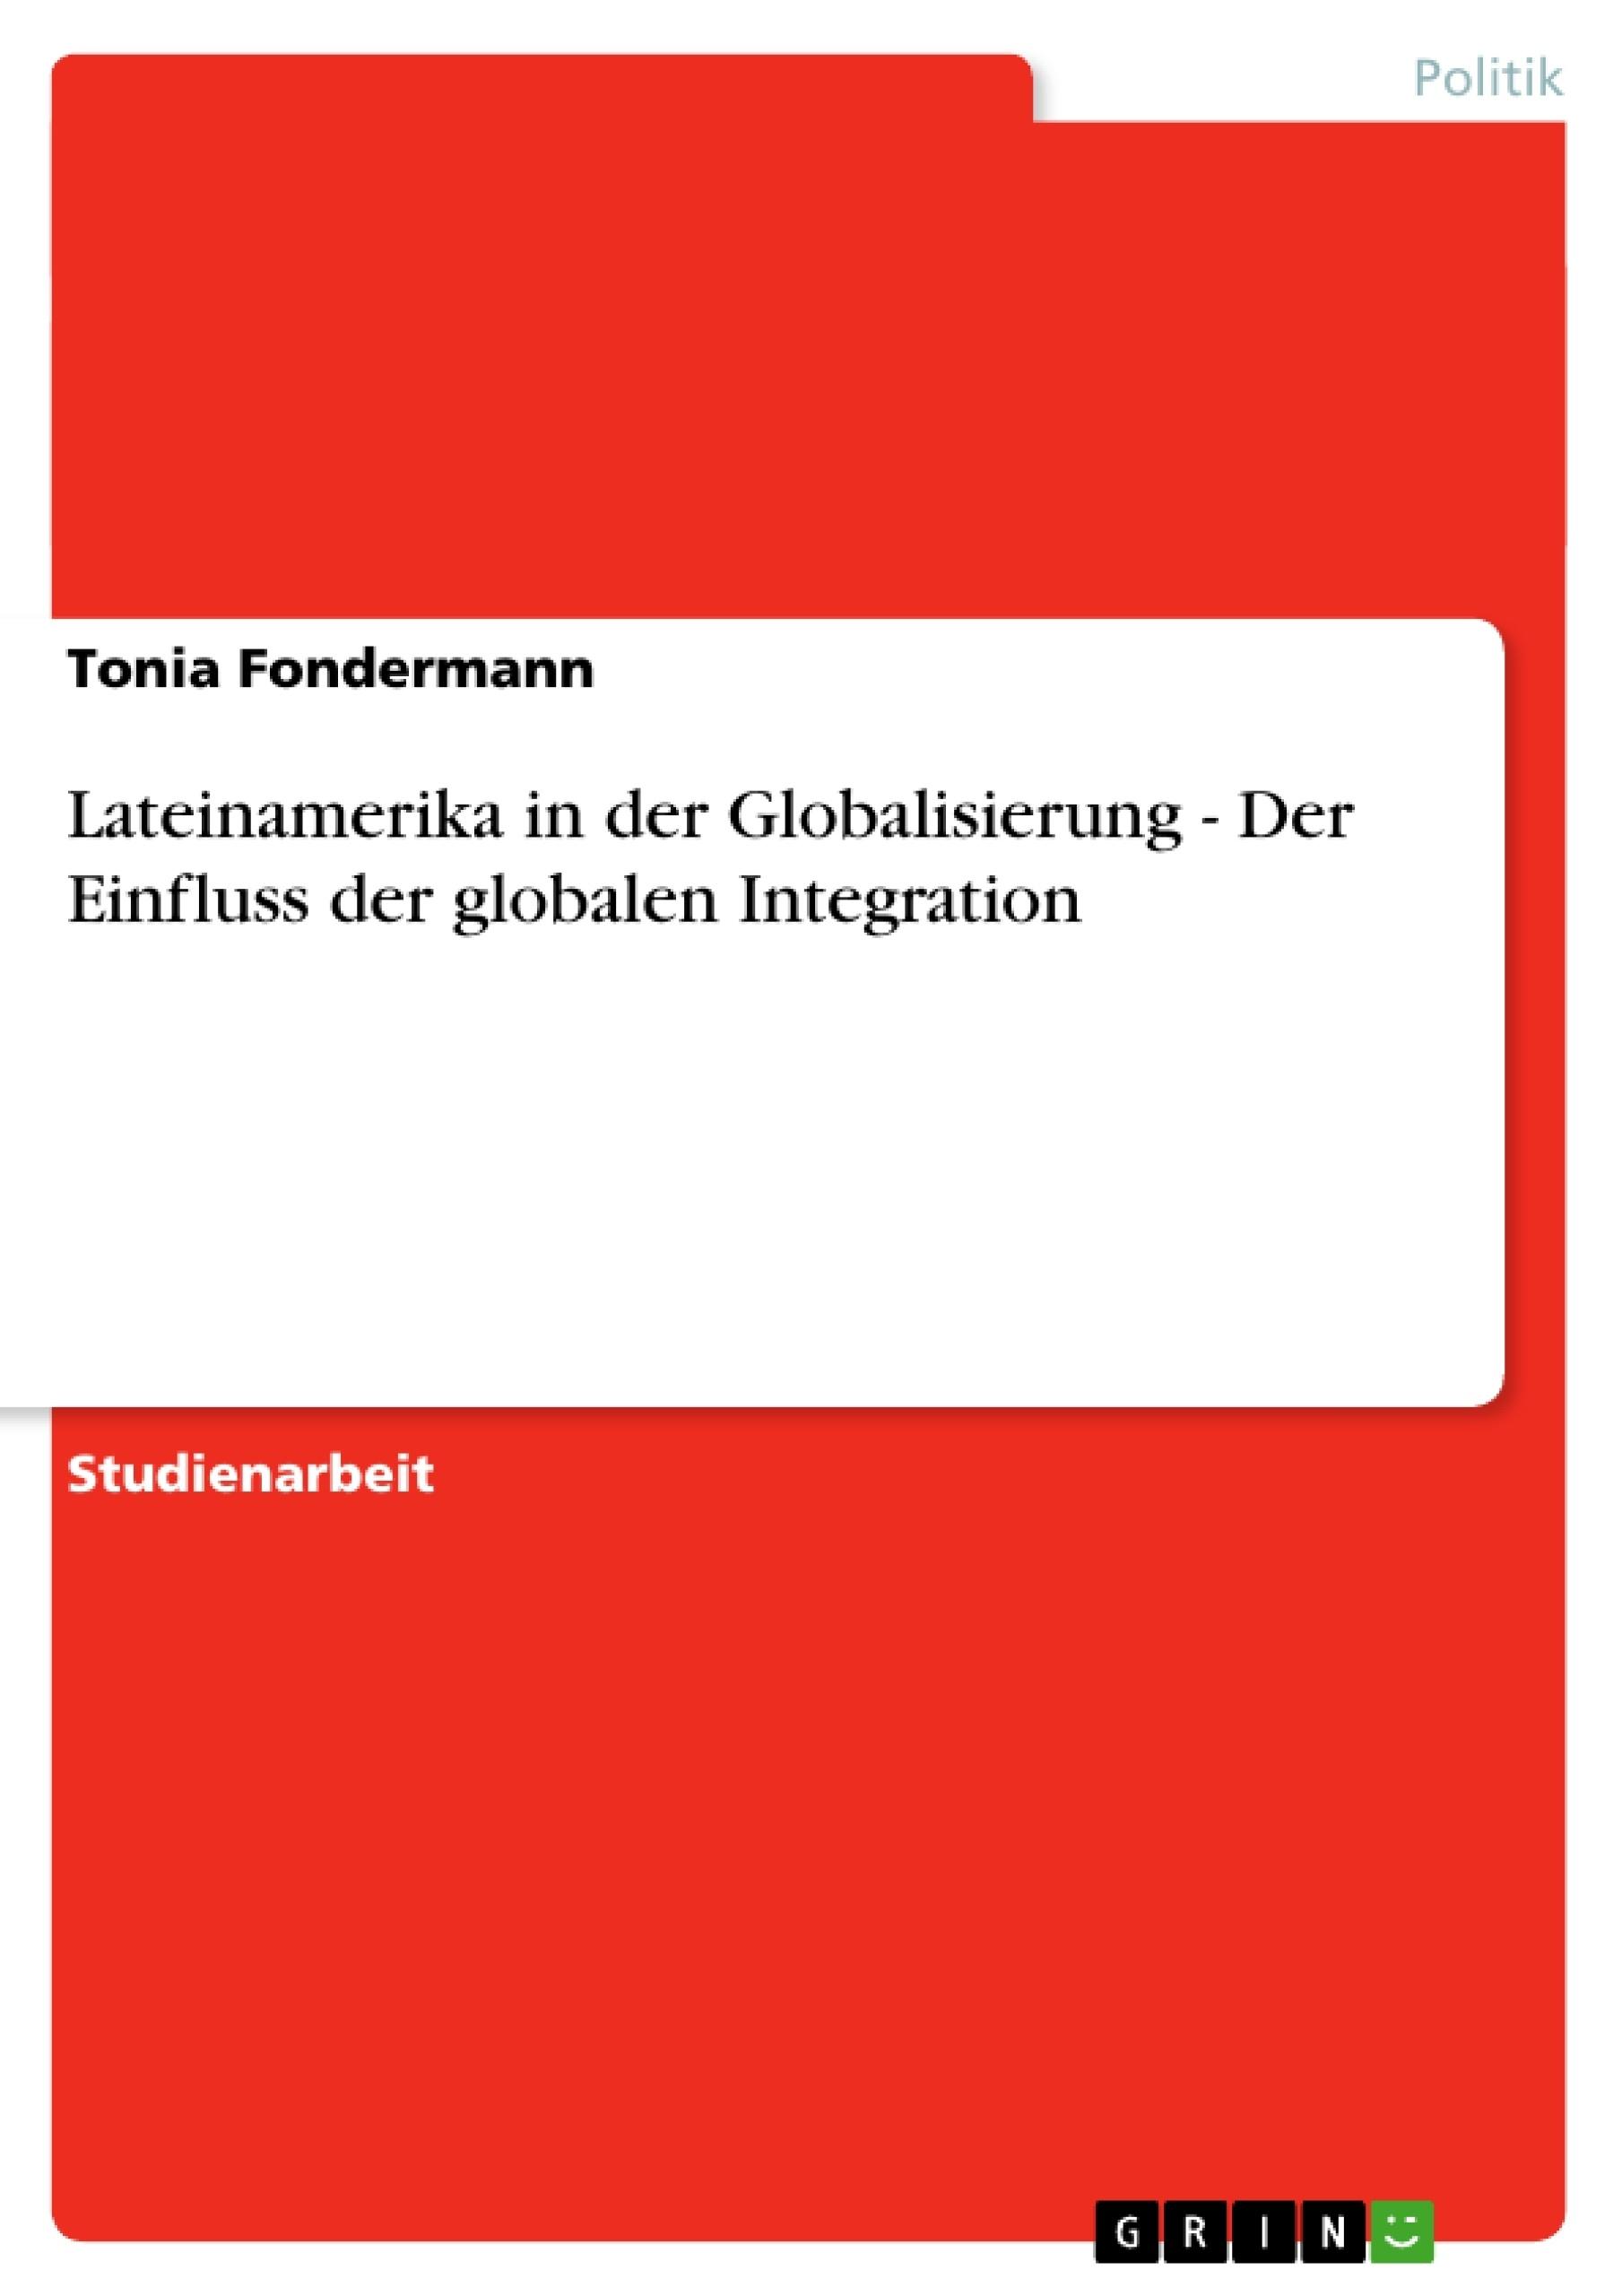 Titel: Lateinamerika in der Globalisierung -  Der Einfluss der globalen Integration